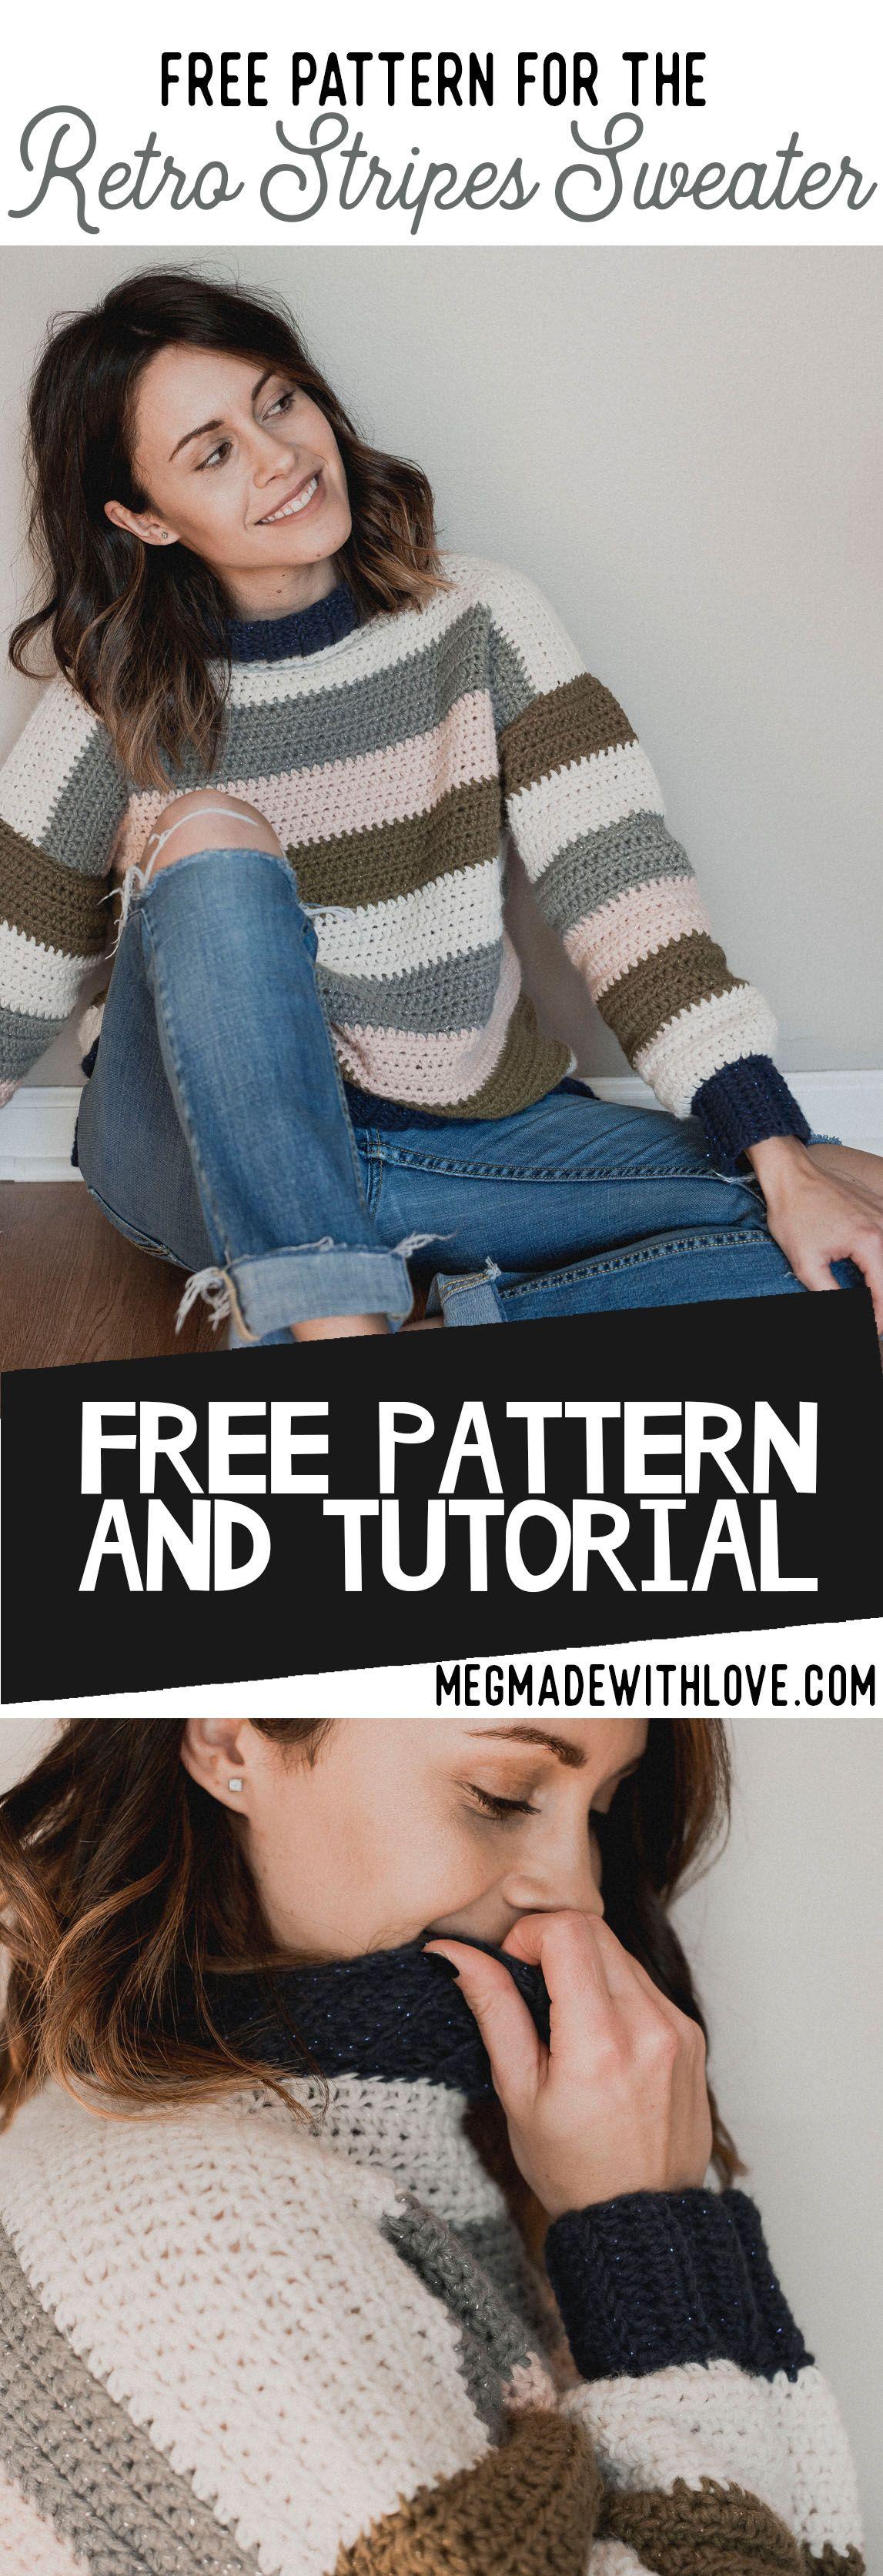 Free Crochet Pattern - Retro Stripes Sweater #sweatercrochetpattern